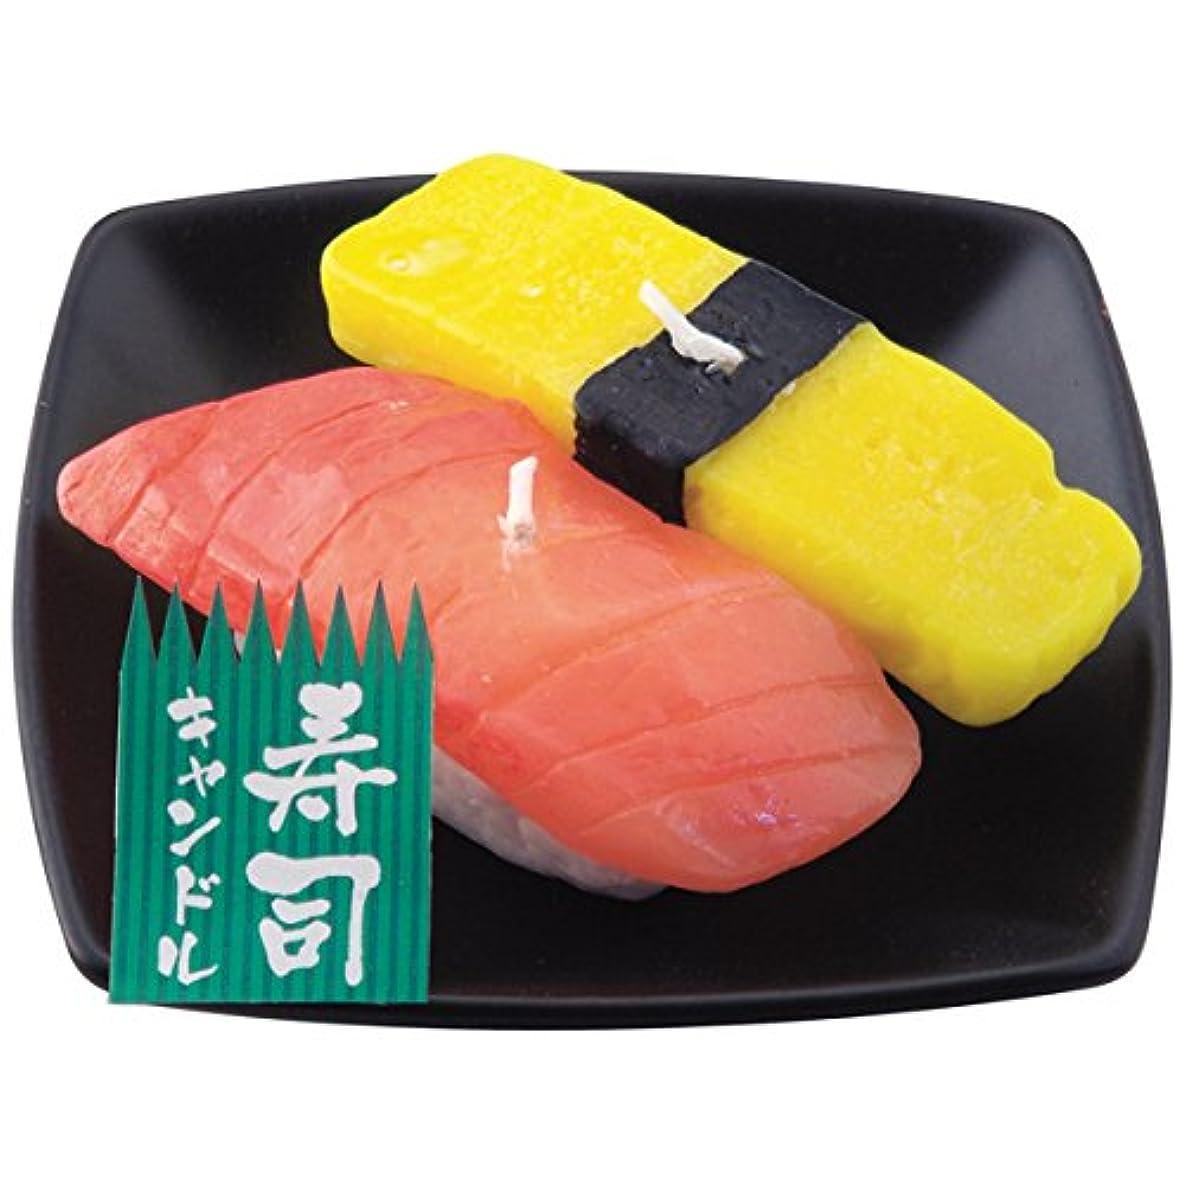 抵抗力がある甘くするピラミッド寿司キャンドル Aセット